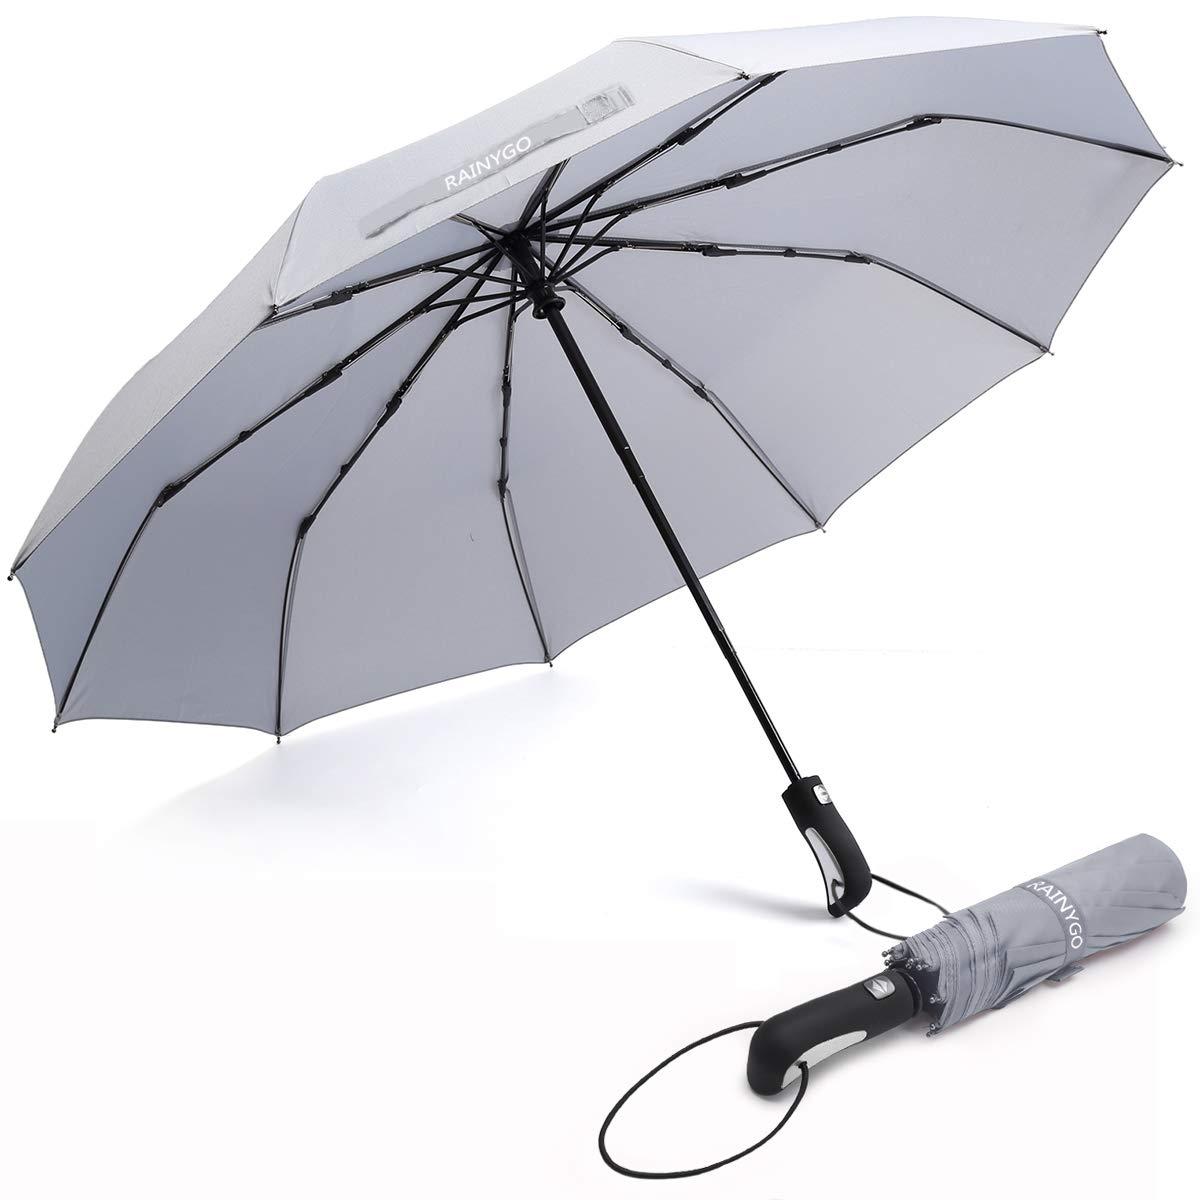 rainygo Umbrellas旅行折りたたみ自動傘強力な防風コンパクト210t 10リブライト重量Auto Open Close  グレー B07MKNFBG9